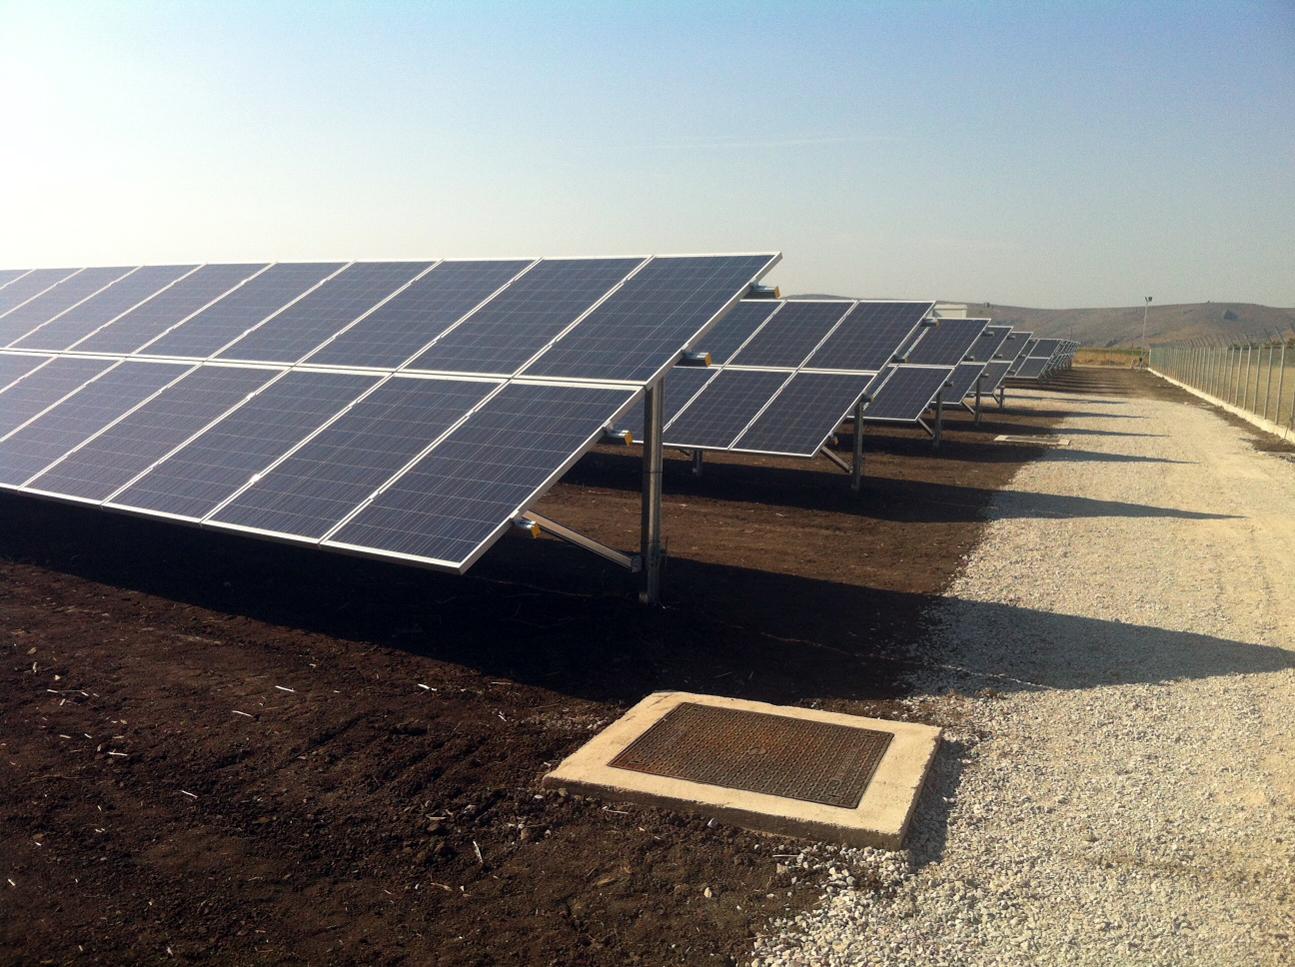 Energías renovables: Seis nuevas centrales de energía solar fotovoltaica de Conergy en Grecia